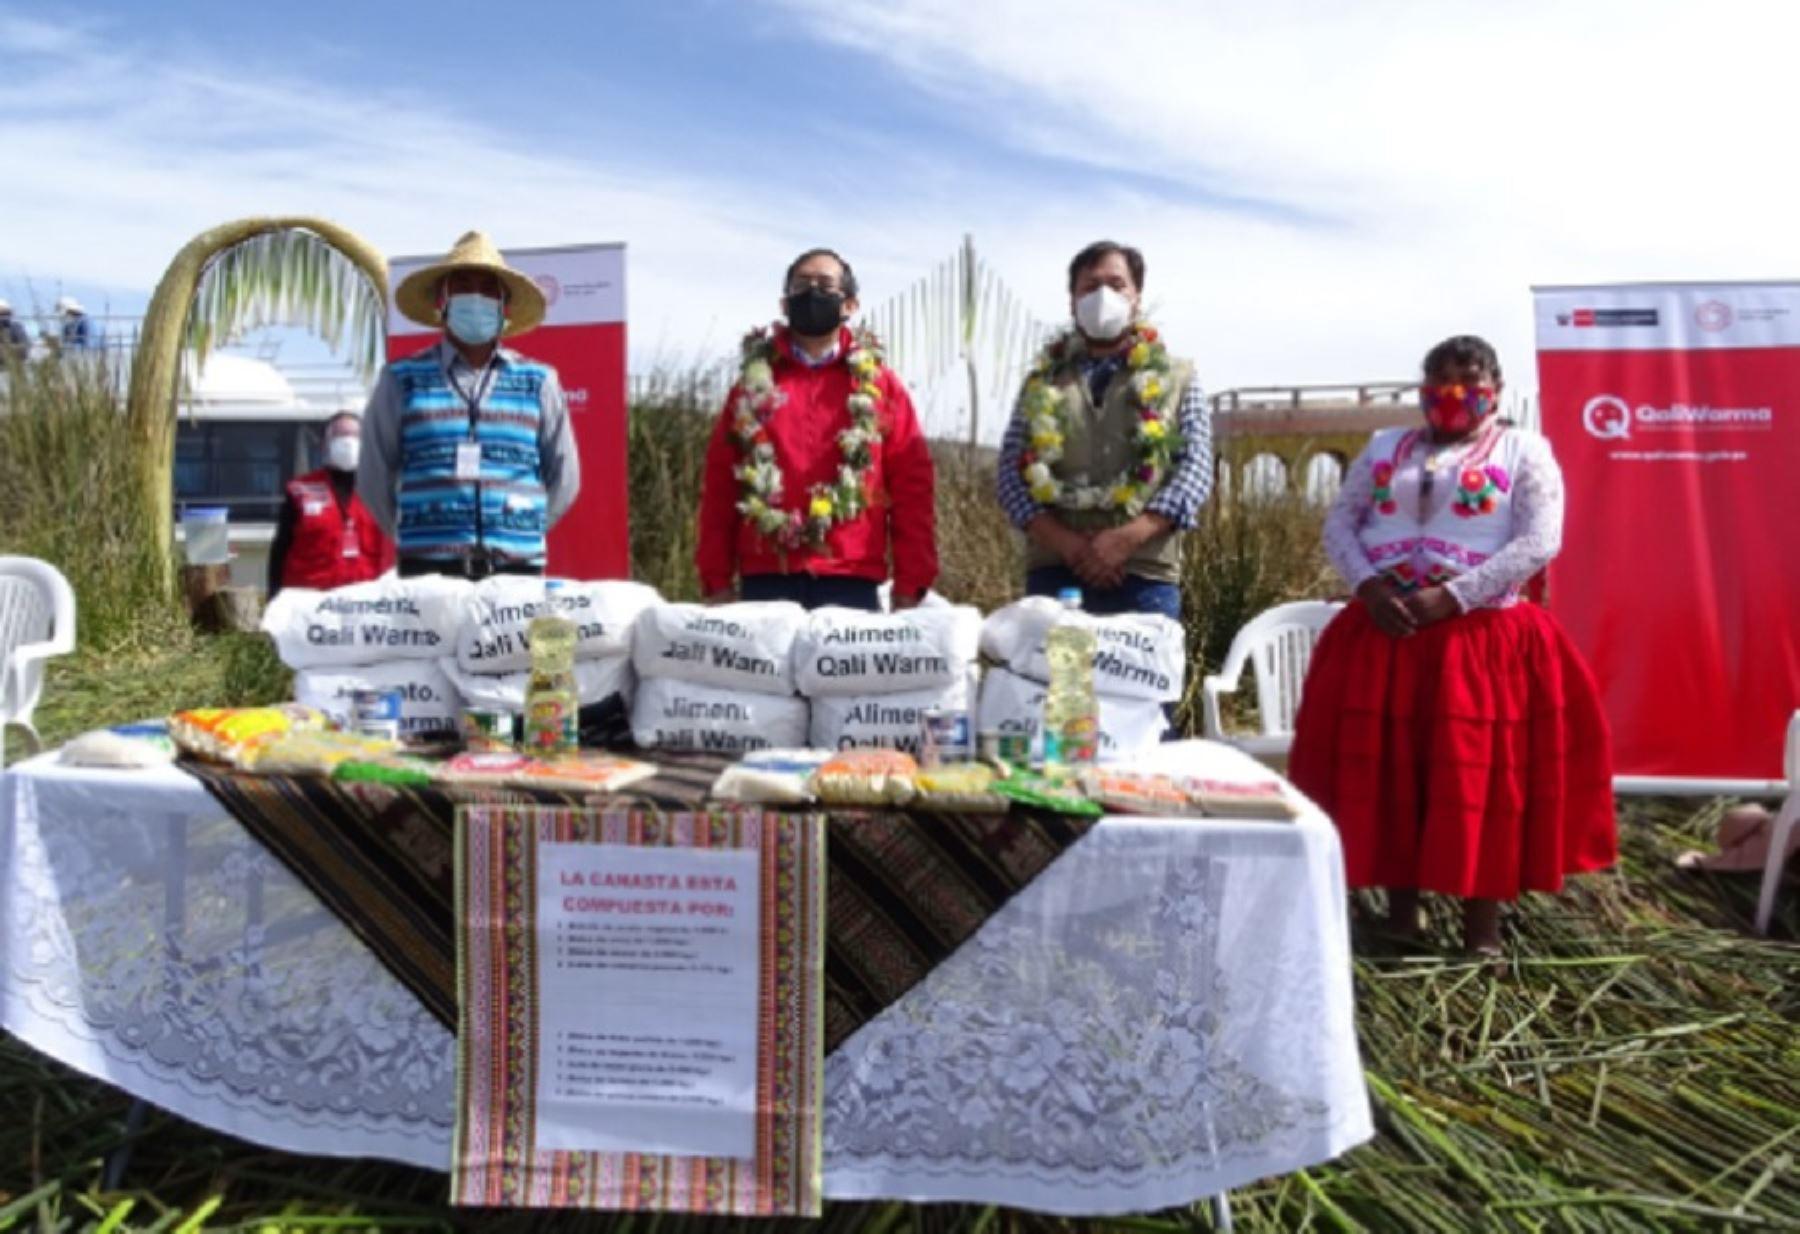 En el marco de la emergencia sanitaria y a solicitud del Ministerio de Cultura, el Ministerio de Desarrollo e Inclusión Social (Midis), a través del Programa Nacional de Alimentación Escolar Qali Warma, entregó 15.54 toneladas de alimentos a un total de 152 comunidades nativas de los Uros pertenecientes a los distritos de Puno y Huata en la provincia de Puno.